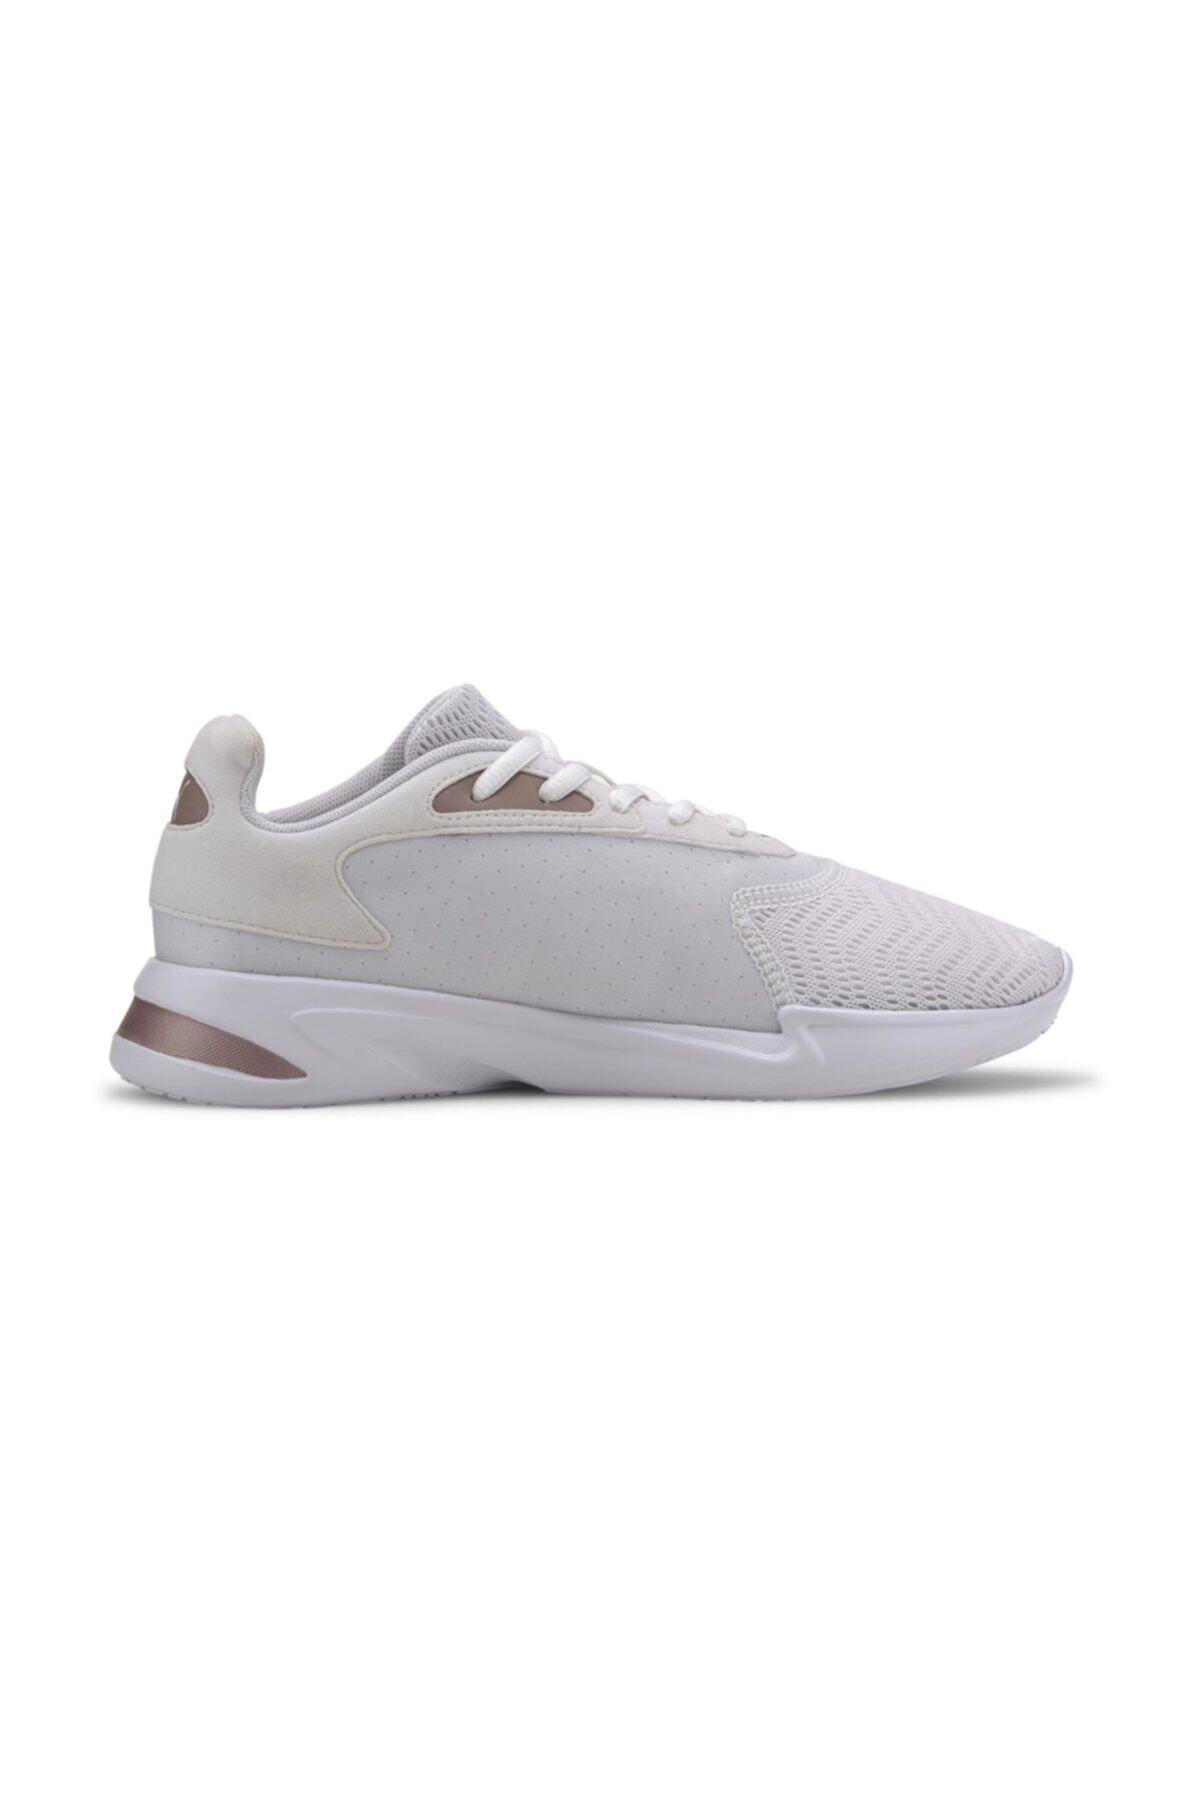 Puma JAROMETAL WNS Beyaz Kadın Koşu Ayakkabısı 100547118 1